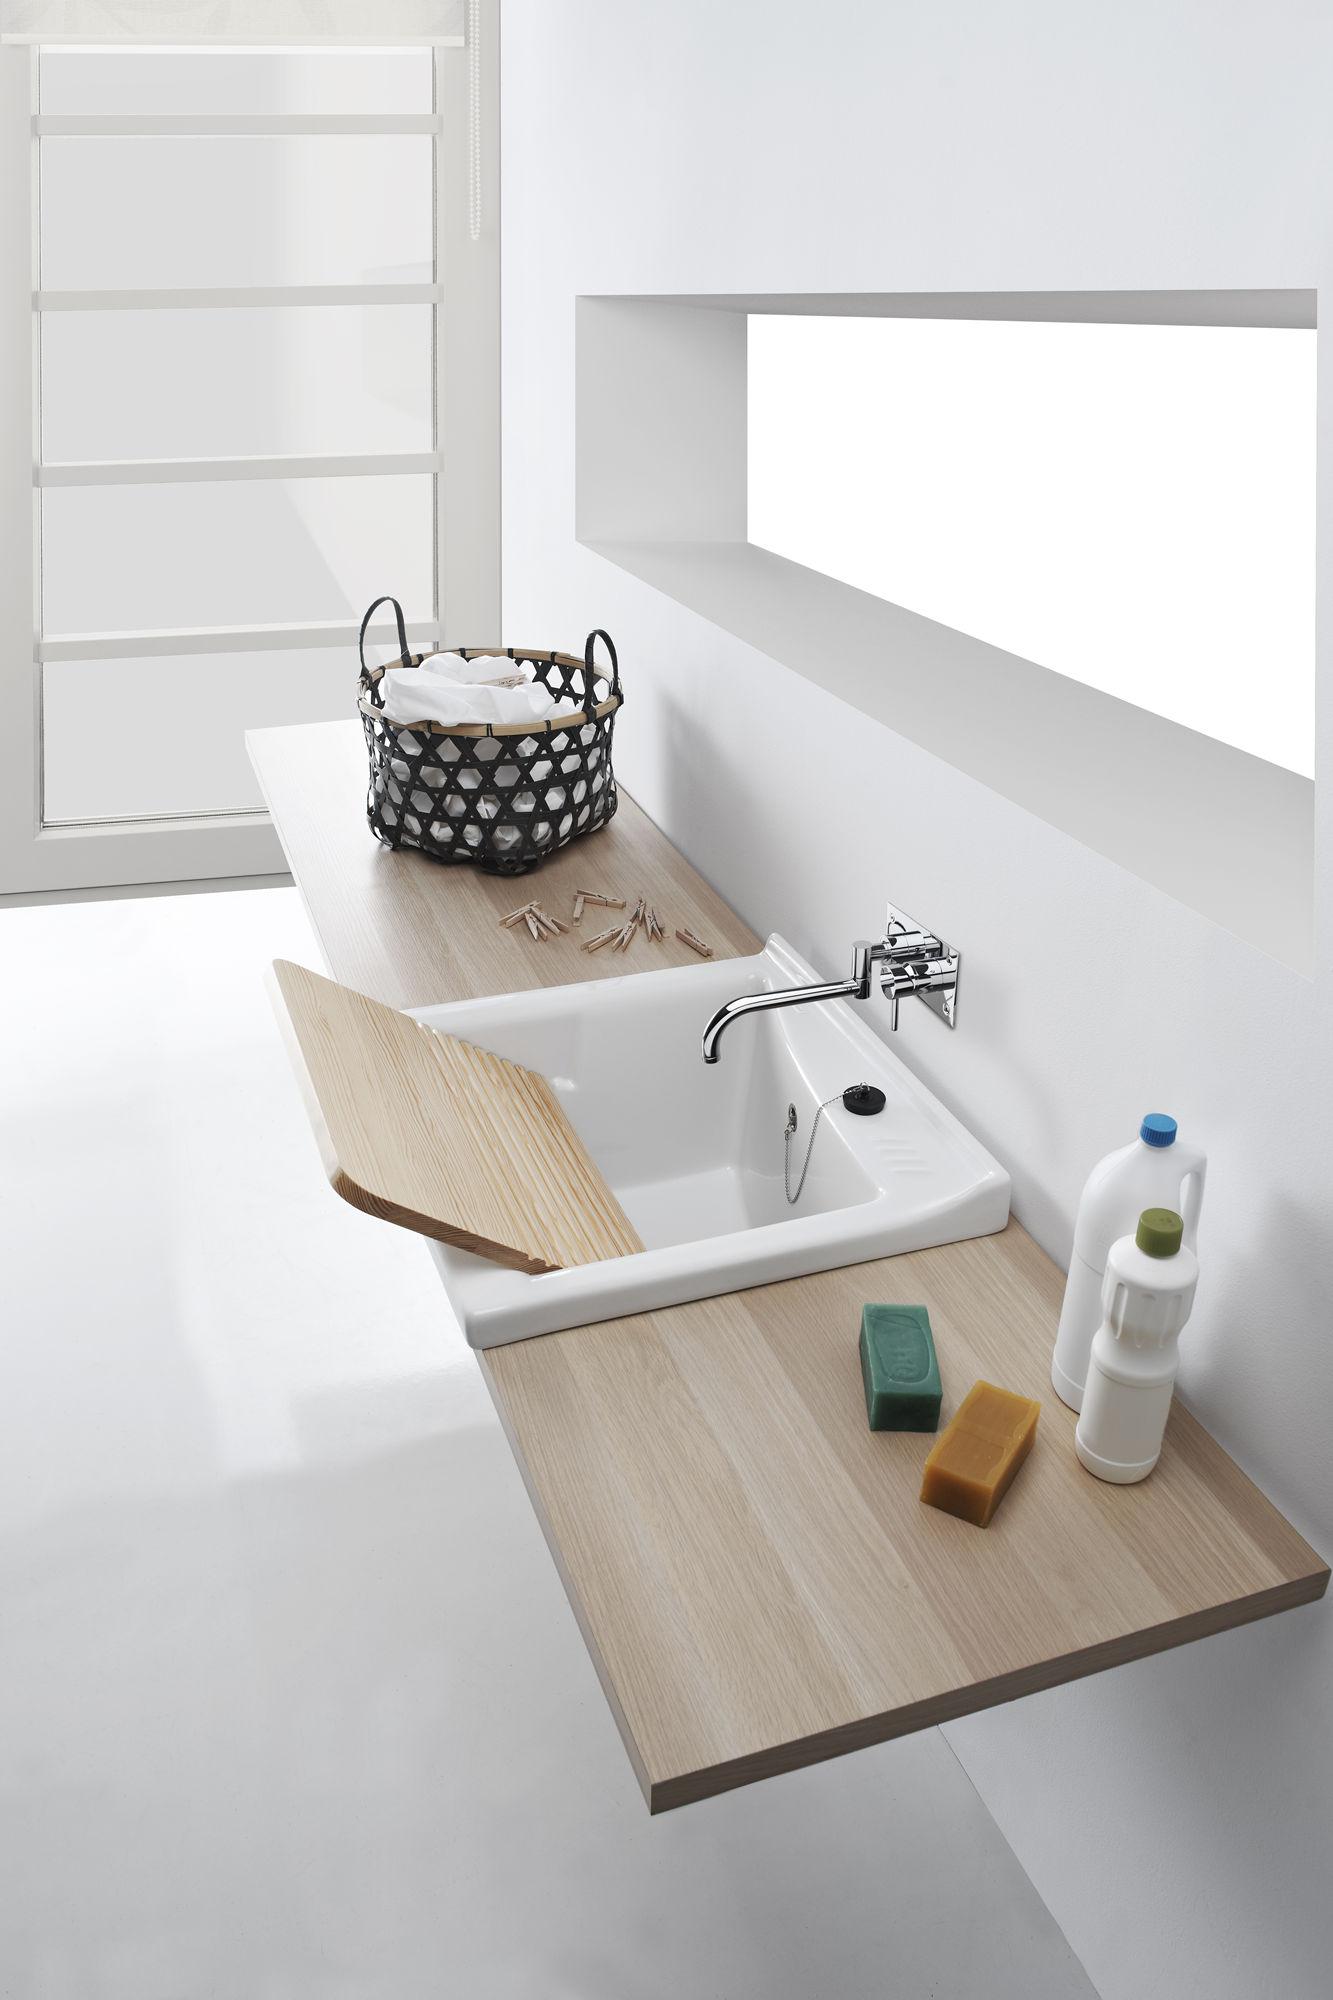 bac laver blink. Black Bedroom Furniture Sets. Home Design Ideas